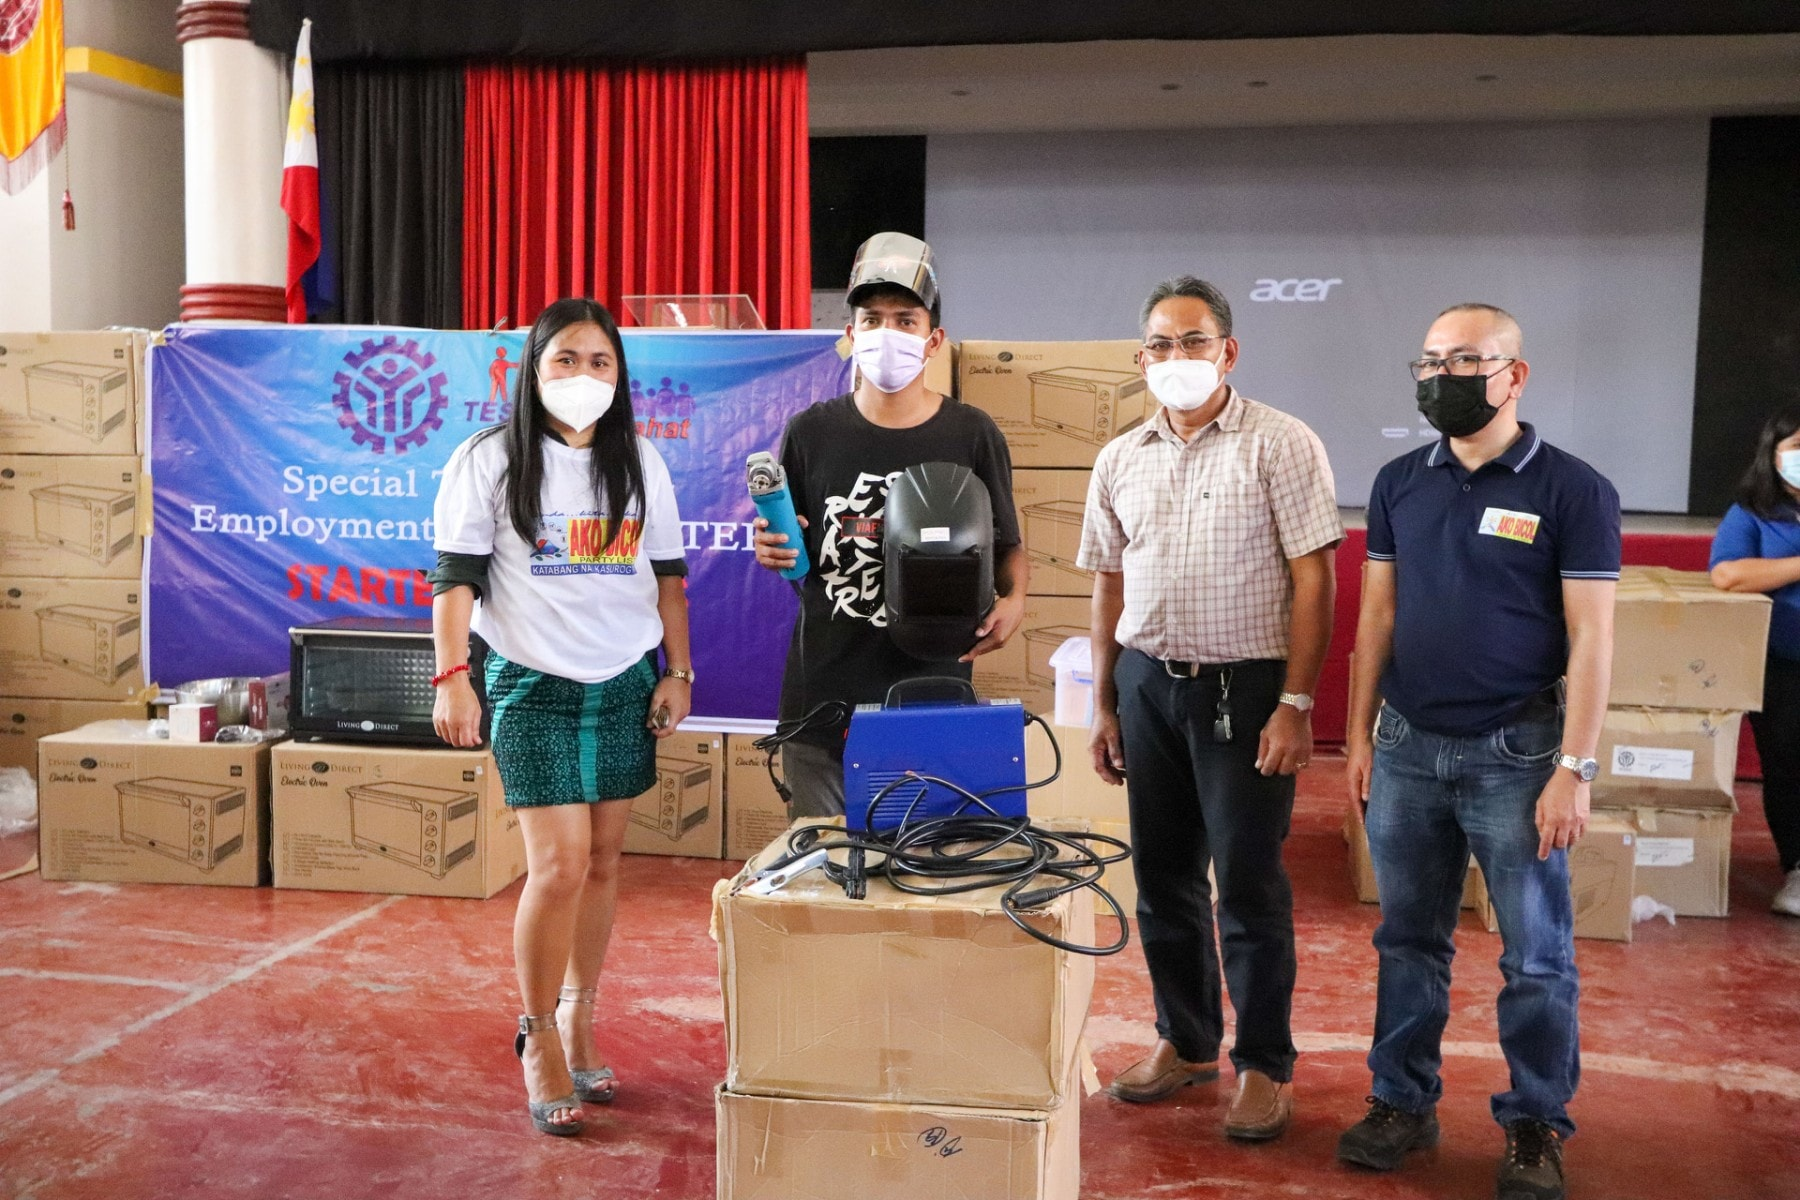 Higit sa isang daang iskolar ng Ako Bicol-TESDA ang nakatanggap ng mga starter toolkits sa programang (STEP) o Special Training For Employment ng TESDA.